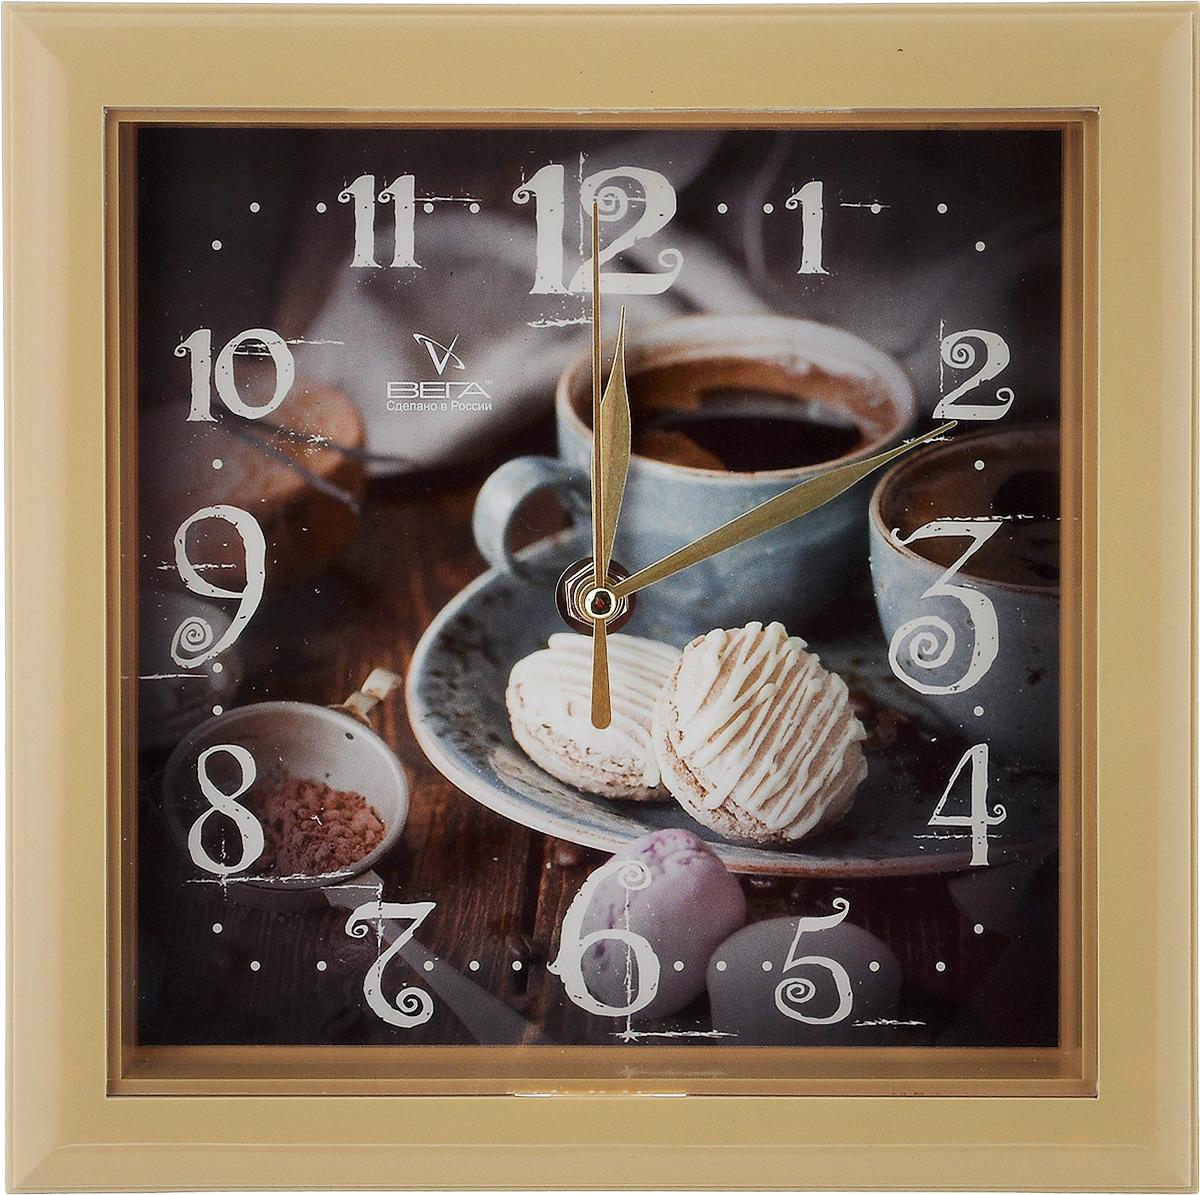 Часы настенные Вега Чашка кофе, 20,6 х 20,6 смП3-14-131Настенные кварцевые часы Вега Чашка кофе,изготовленные из пластика, прекрасно впишутся винтерьер вашего дома. Часы имеют три стрелки: часовую,минутную и секундную, циферблат защищен прозрачнымпластиком.Часы работают от 1 батарейки типа АА напряжением 1,5 В(не входит в комплект). Прилагается инструкция по эксплуатации.